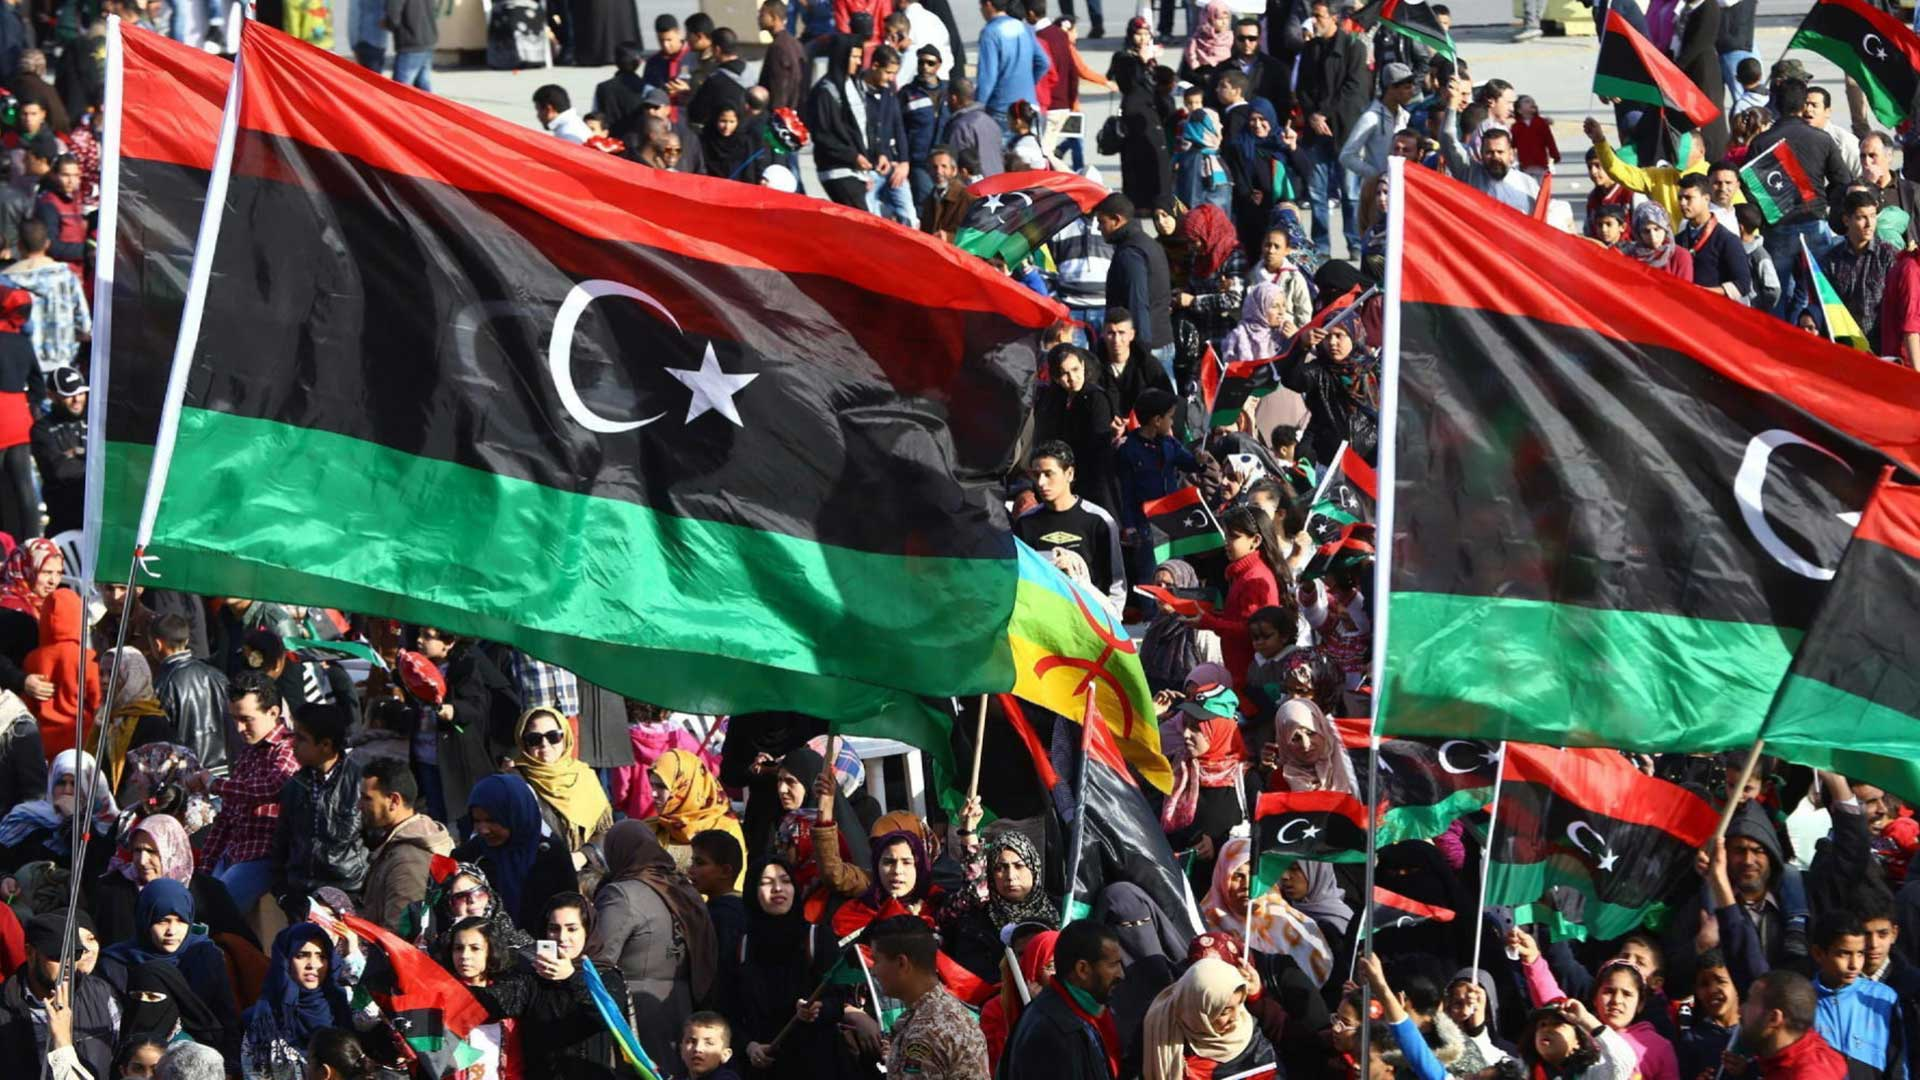 La primavera árabe comenzó en 2010 en Túnez y generó grandes expectativas que luego mayormente no se cumplieron